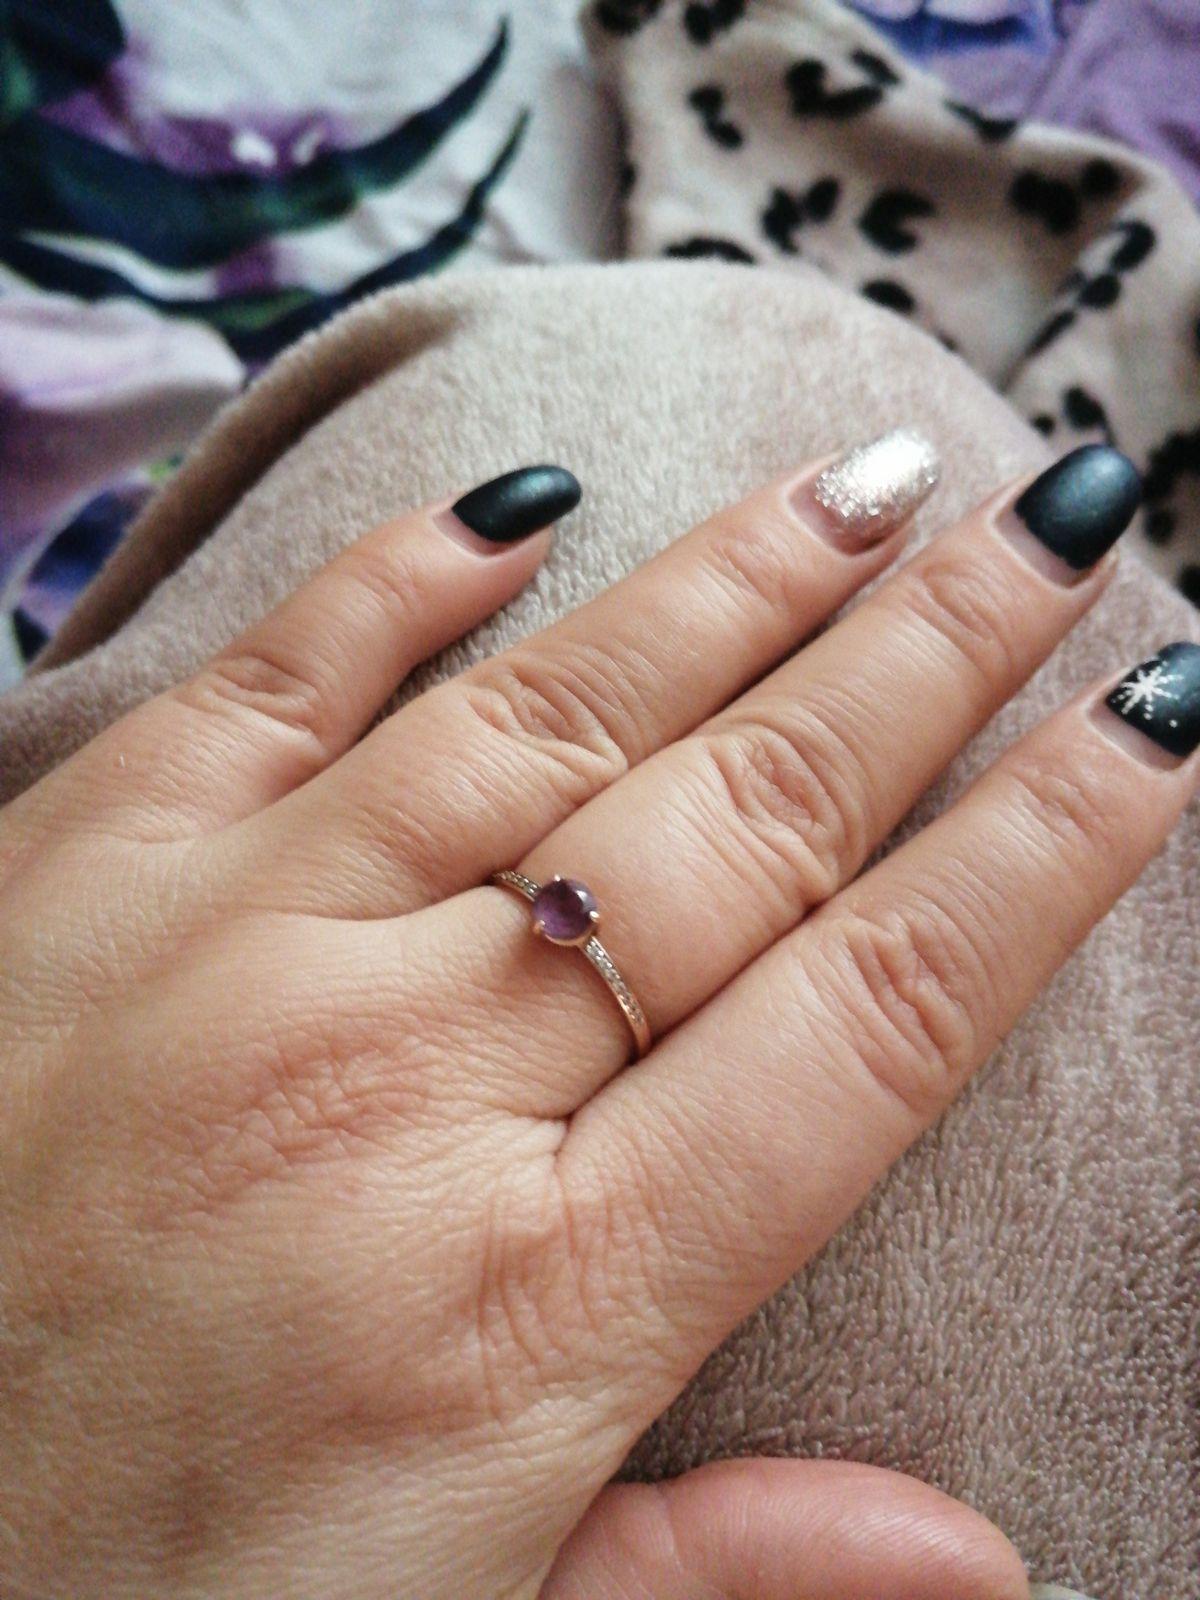 Кольцо с камнем.